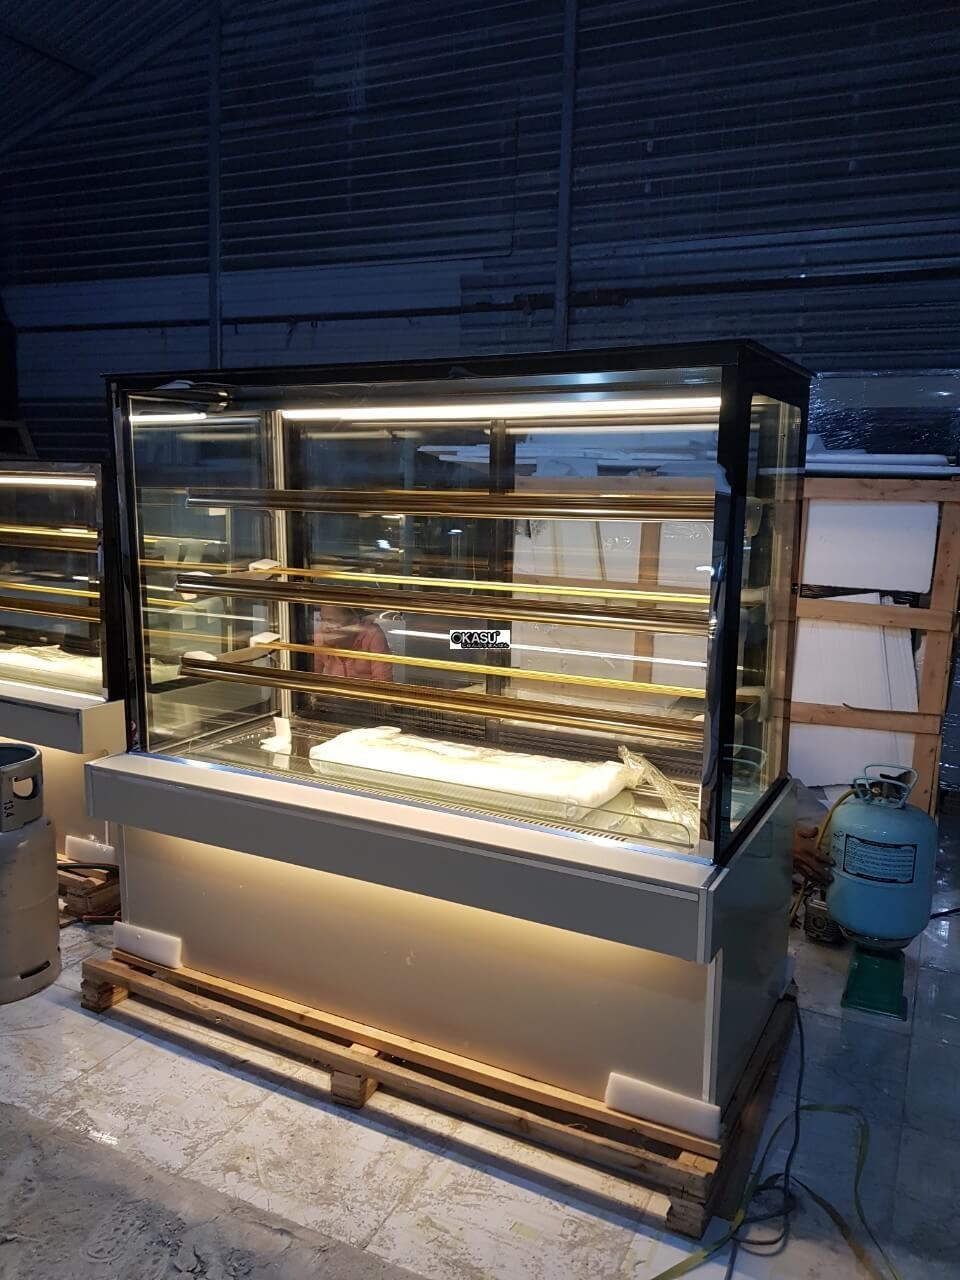 Tủ trưng bày bánh kem 4 tầng OKASU OKA-1500M - ảnh 3